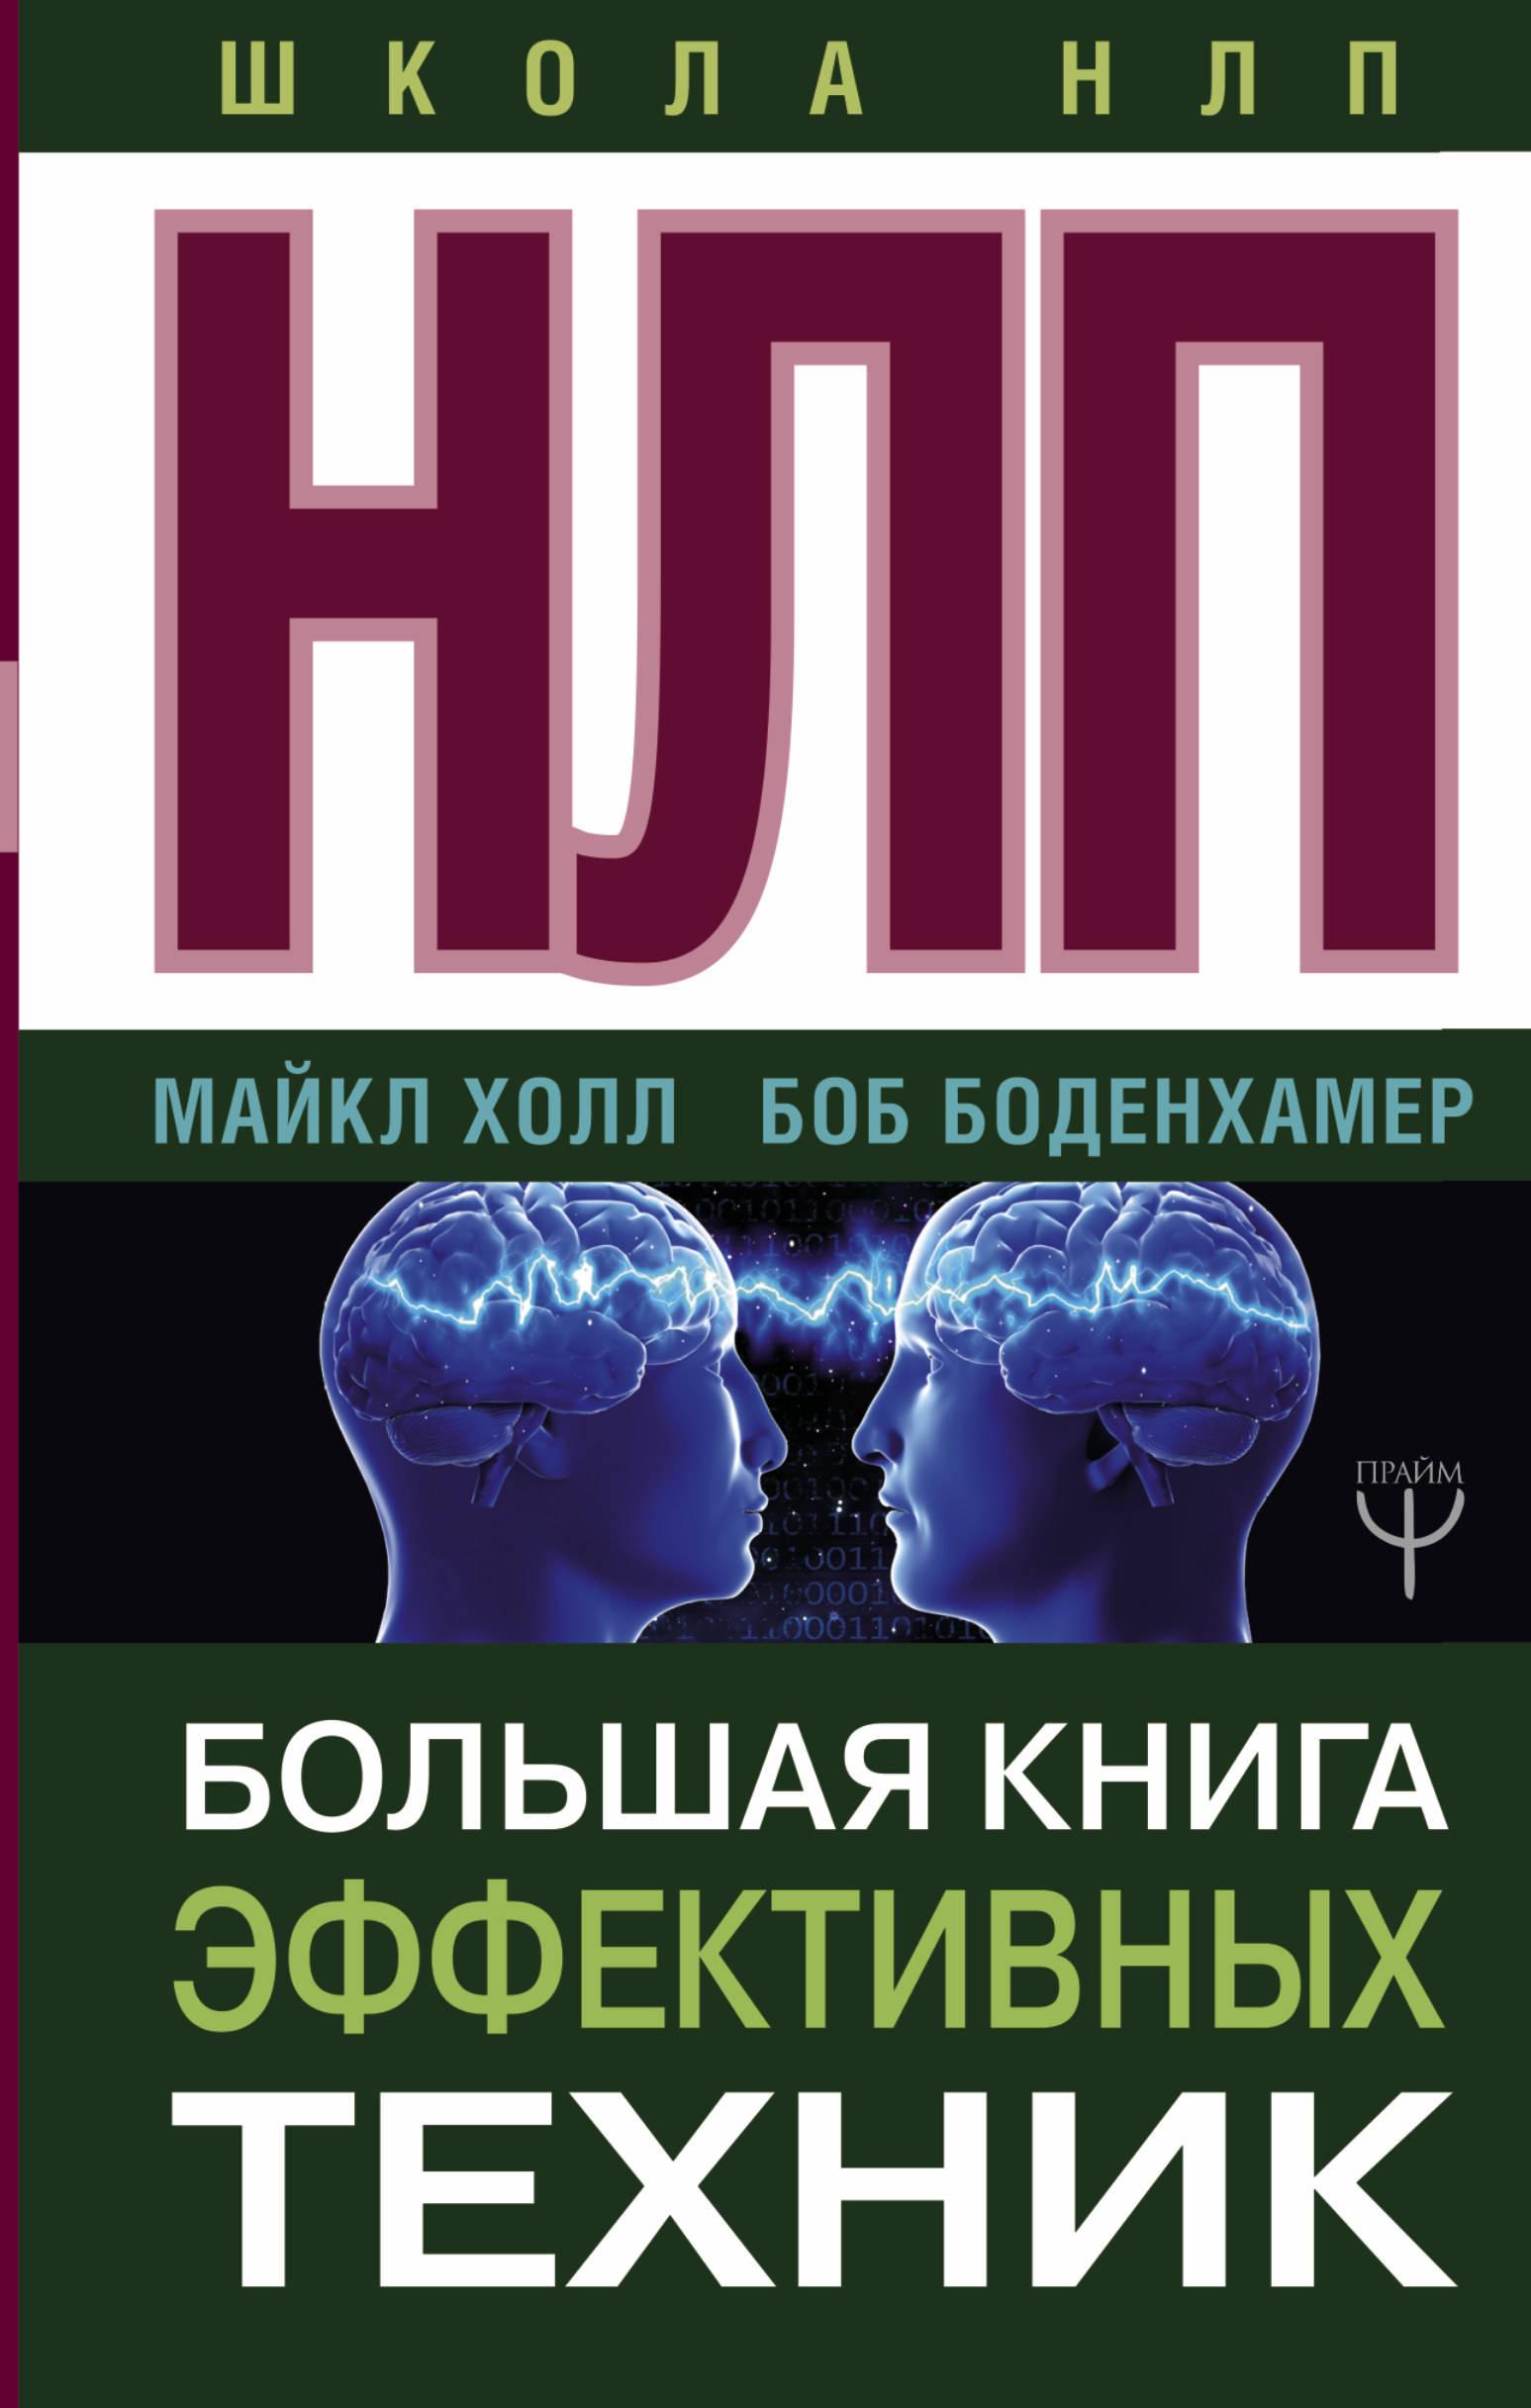 где купить Боденхамер Б., Холл М. НЛП. Большая книга эффективных техник по лучшей цене